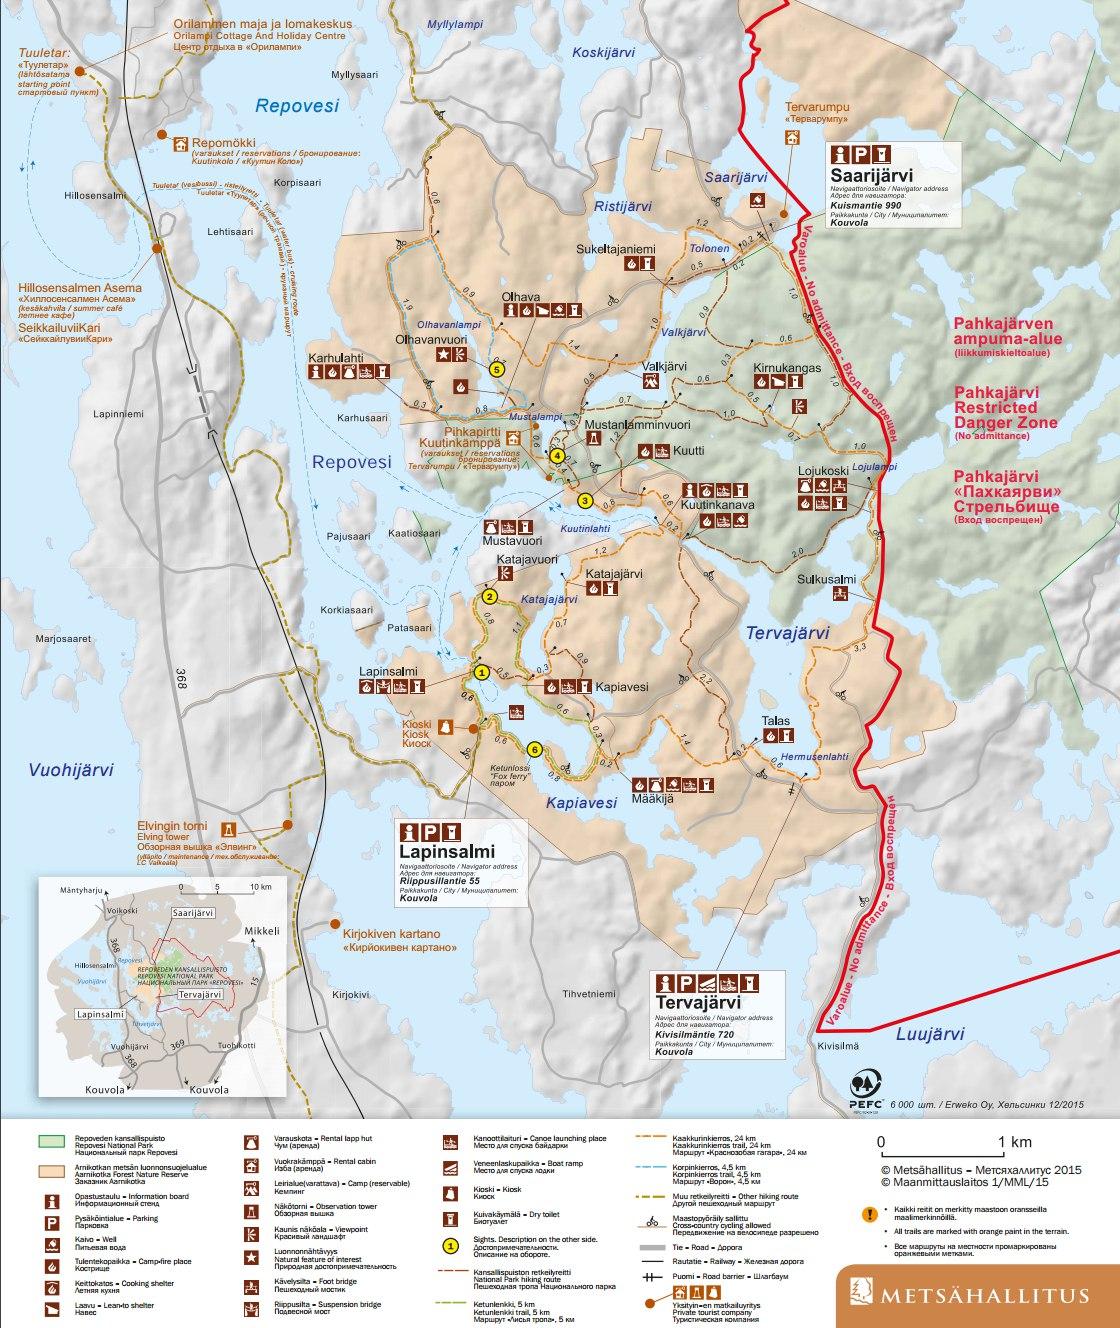 Схема национального парка Реповеси (Repovesi)